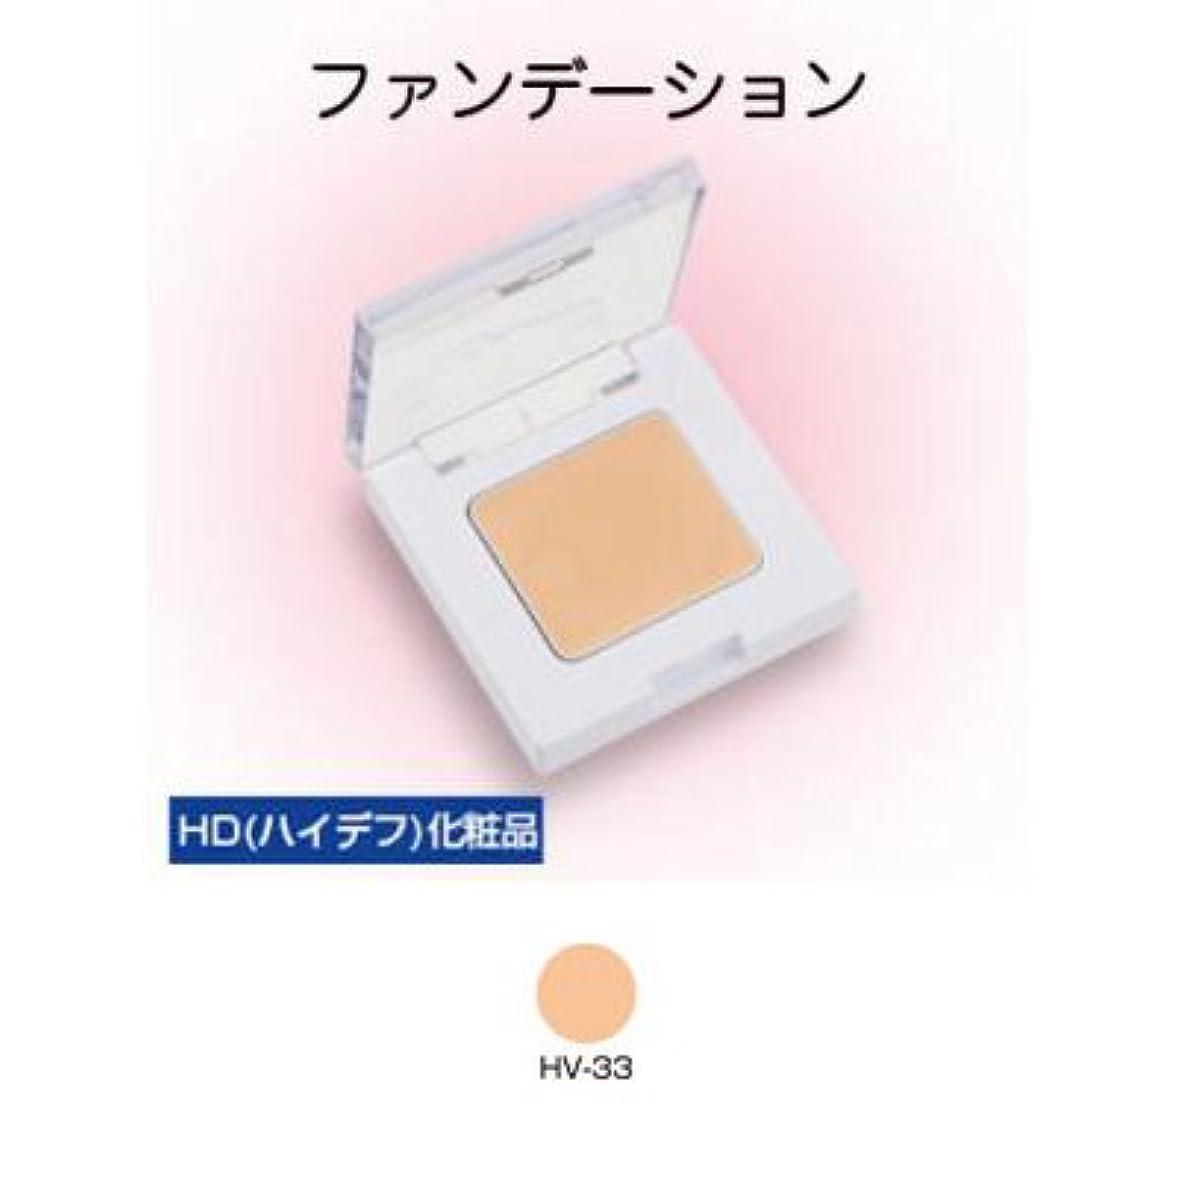 デザイナー好意的水素シャレナ カバーファンデーション ミニ HV-33 【三善】